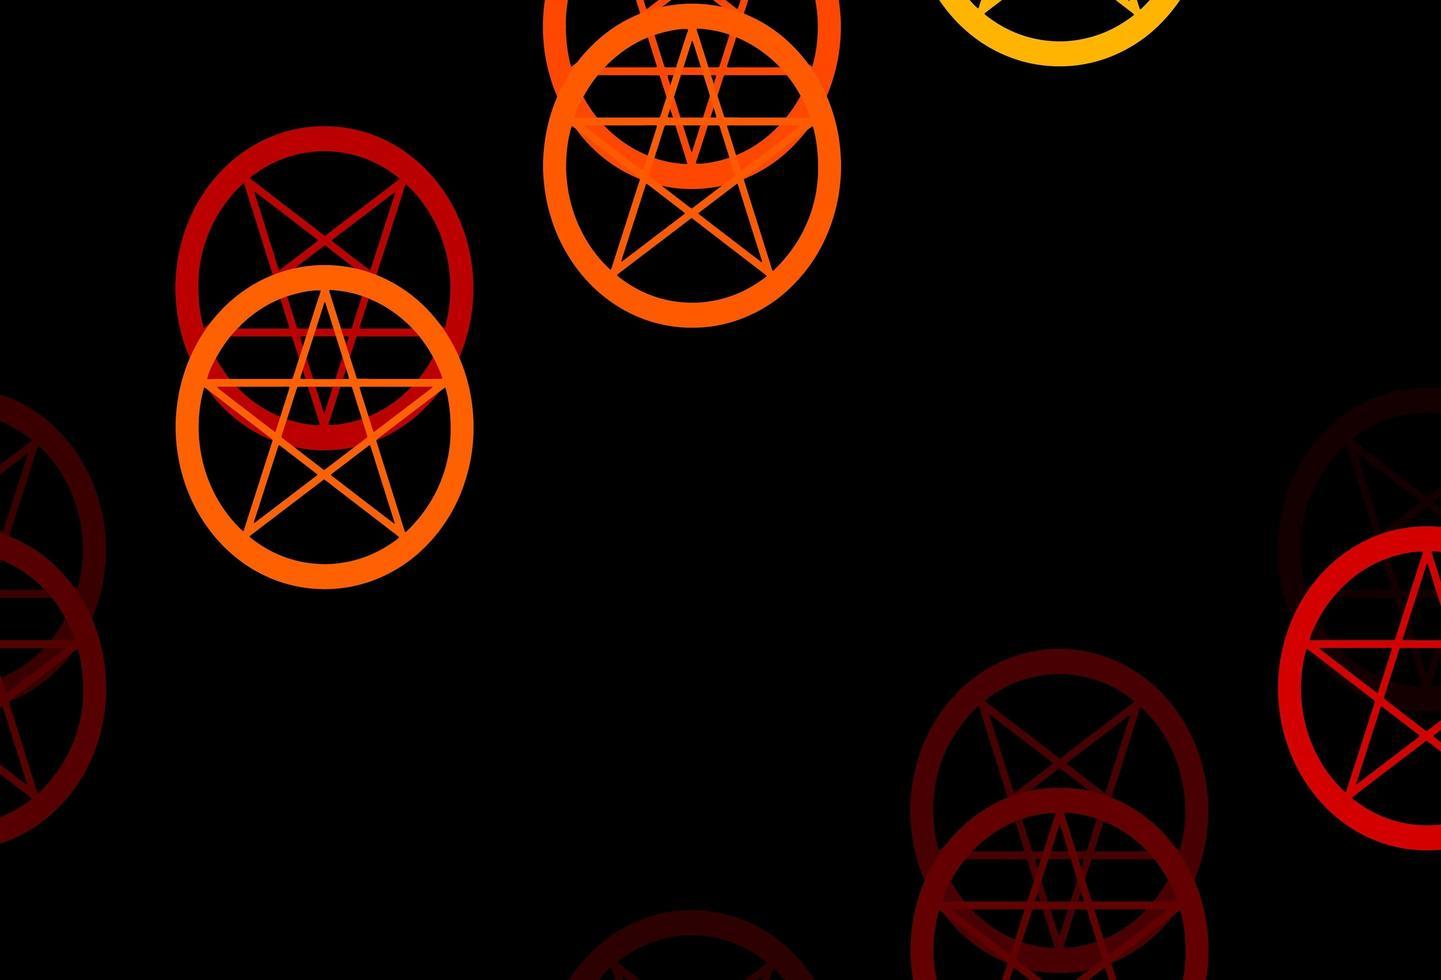 modello arancione con segni esoterici. vettore